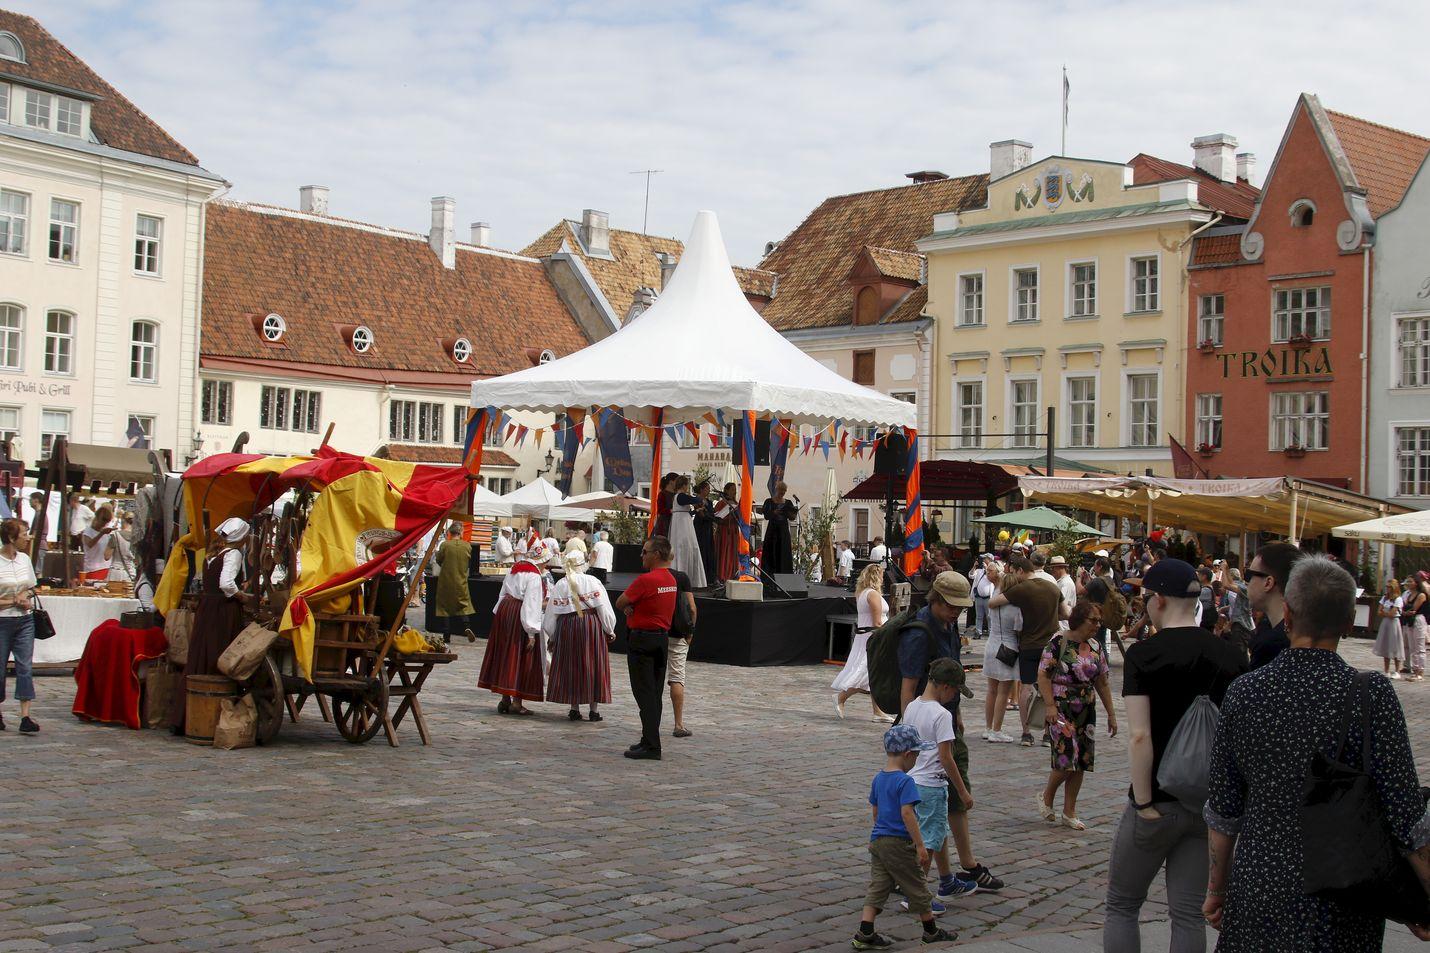 Ihmiset osallistuivat keskiaikapäiville Tallinnassa elokuun 16. päivä. Viro kiristää alkoholin myyntiä koskevia rajoituksia ensi viikolla.